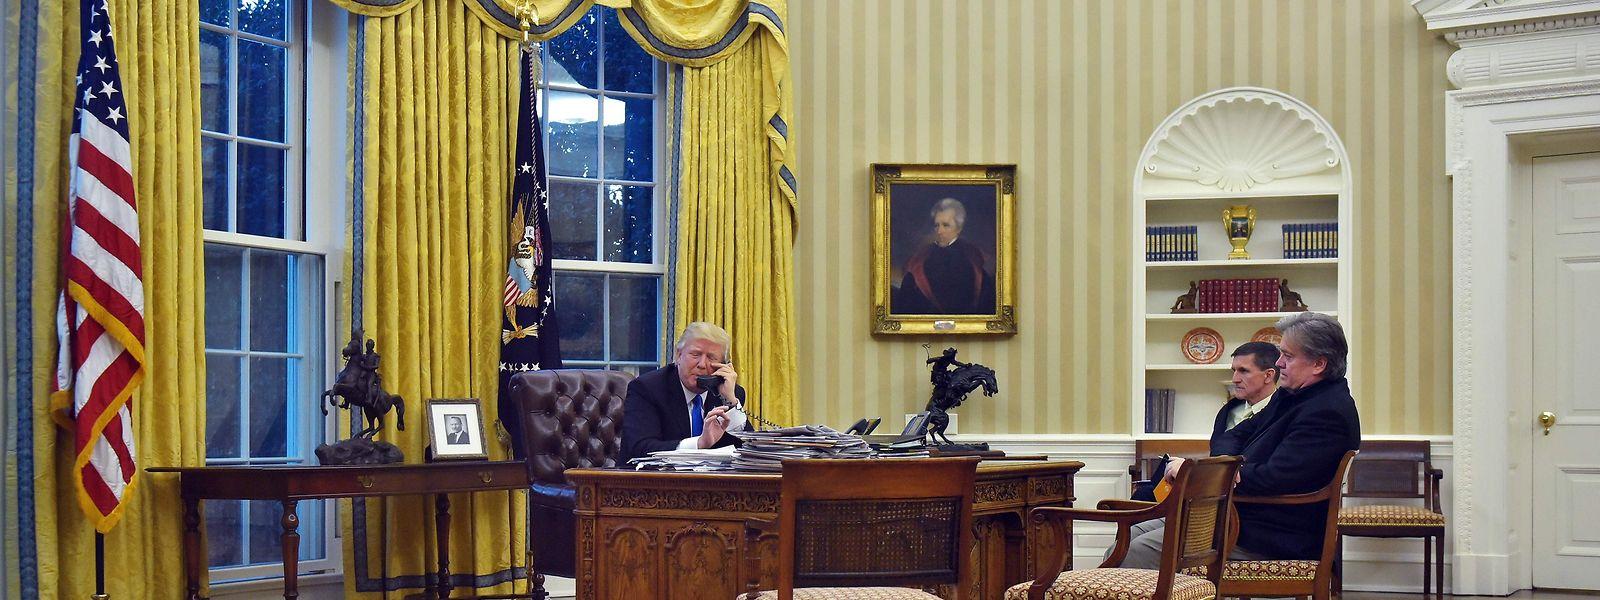 Da war die Welt im Oval Office noch in Ordnung: Trump telefoniert, Bannon (r.) hört zu.